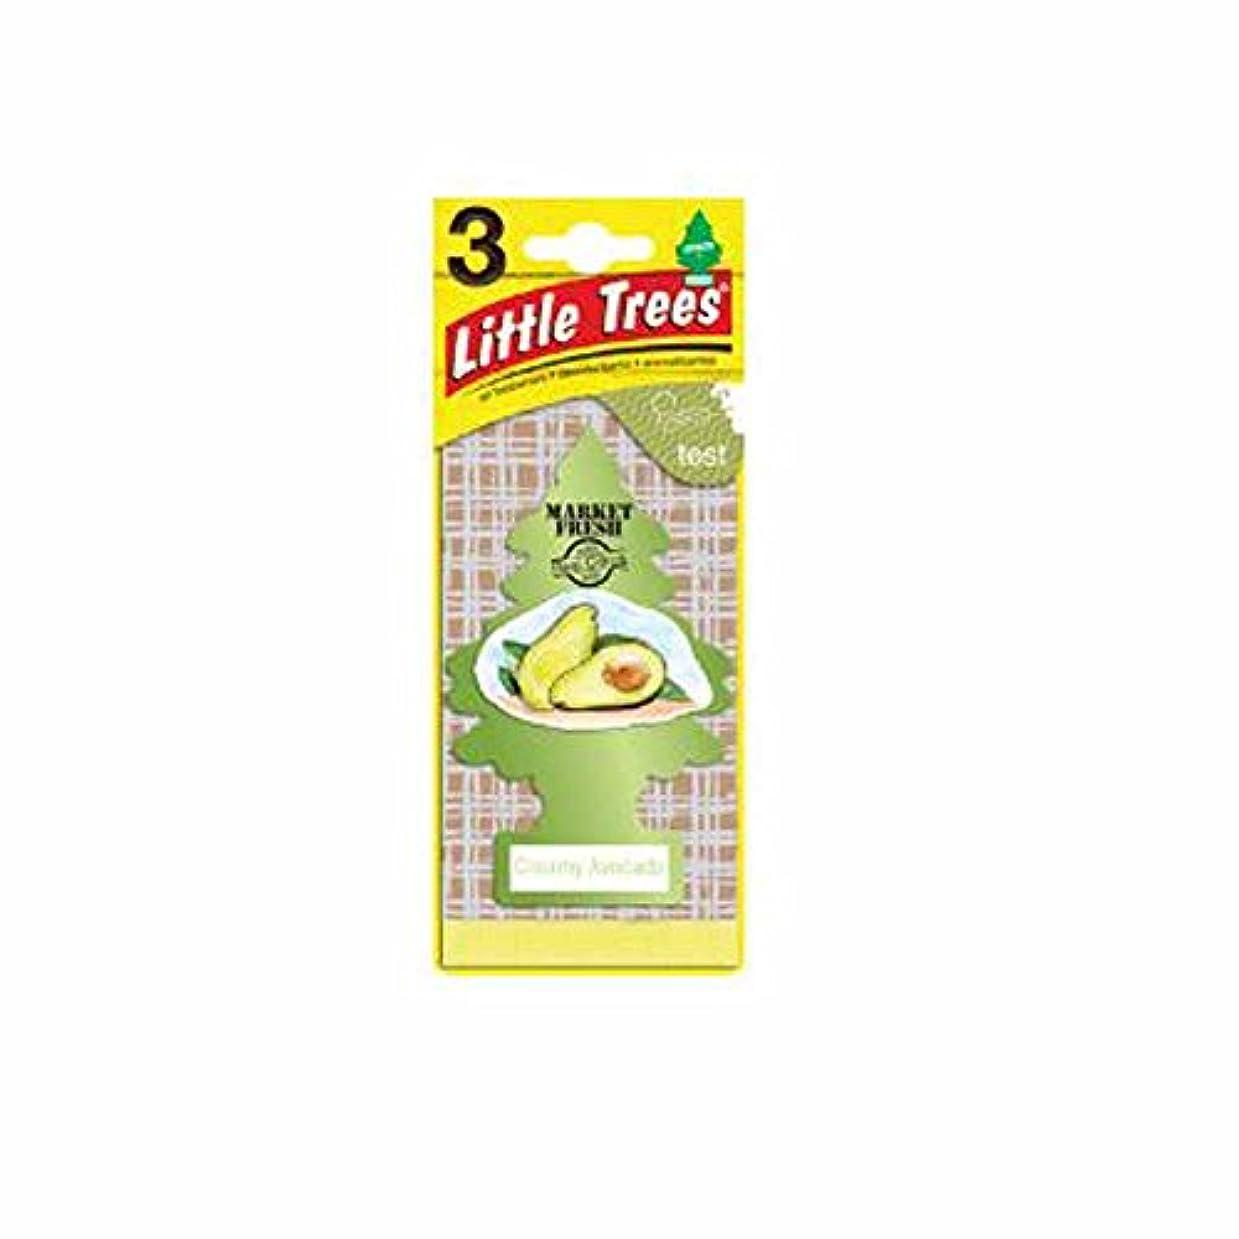 壊滅的な息子半ばLittle Trees 吊下げタイプ エアーフレッシュナー creamy avocado(クリーミーアボカド) 3枚セット(3P) U3S-37340